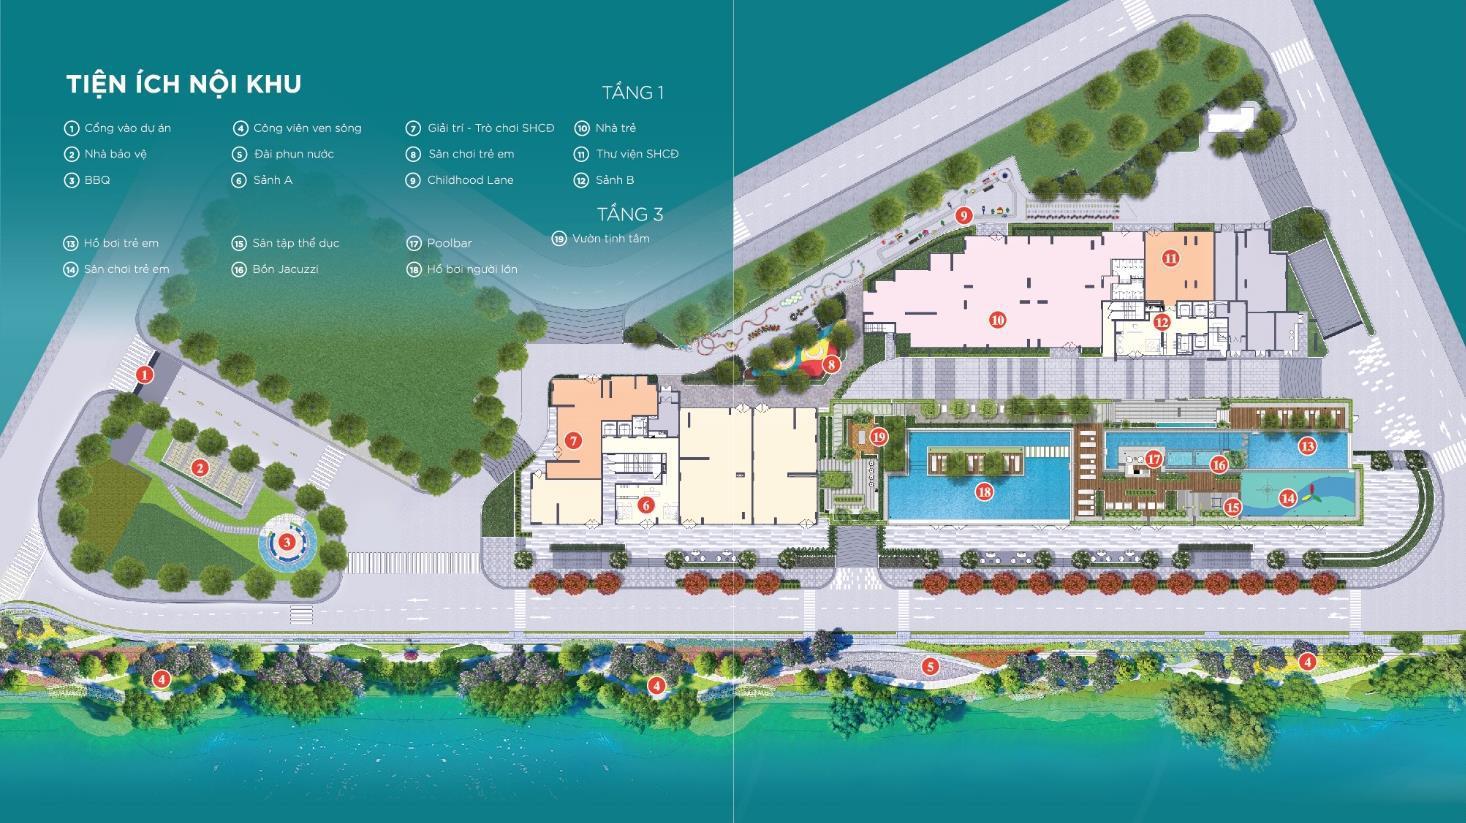 Tiện ích nội khu dự án căn hộ D'lusso Emerald